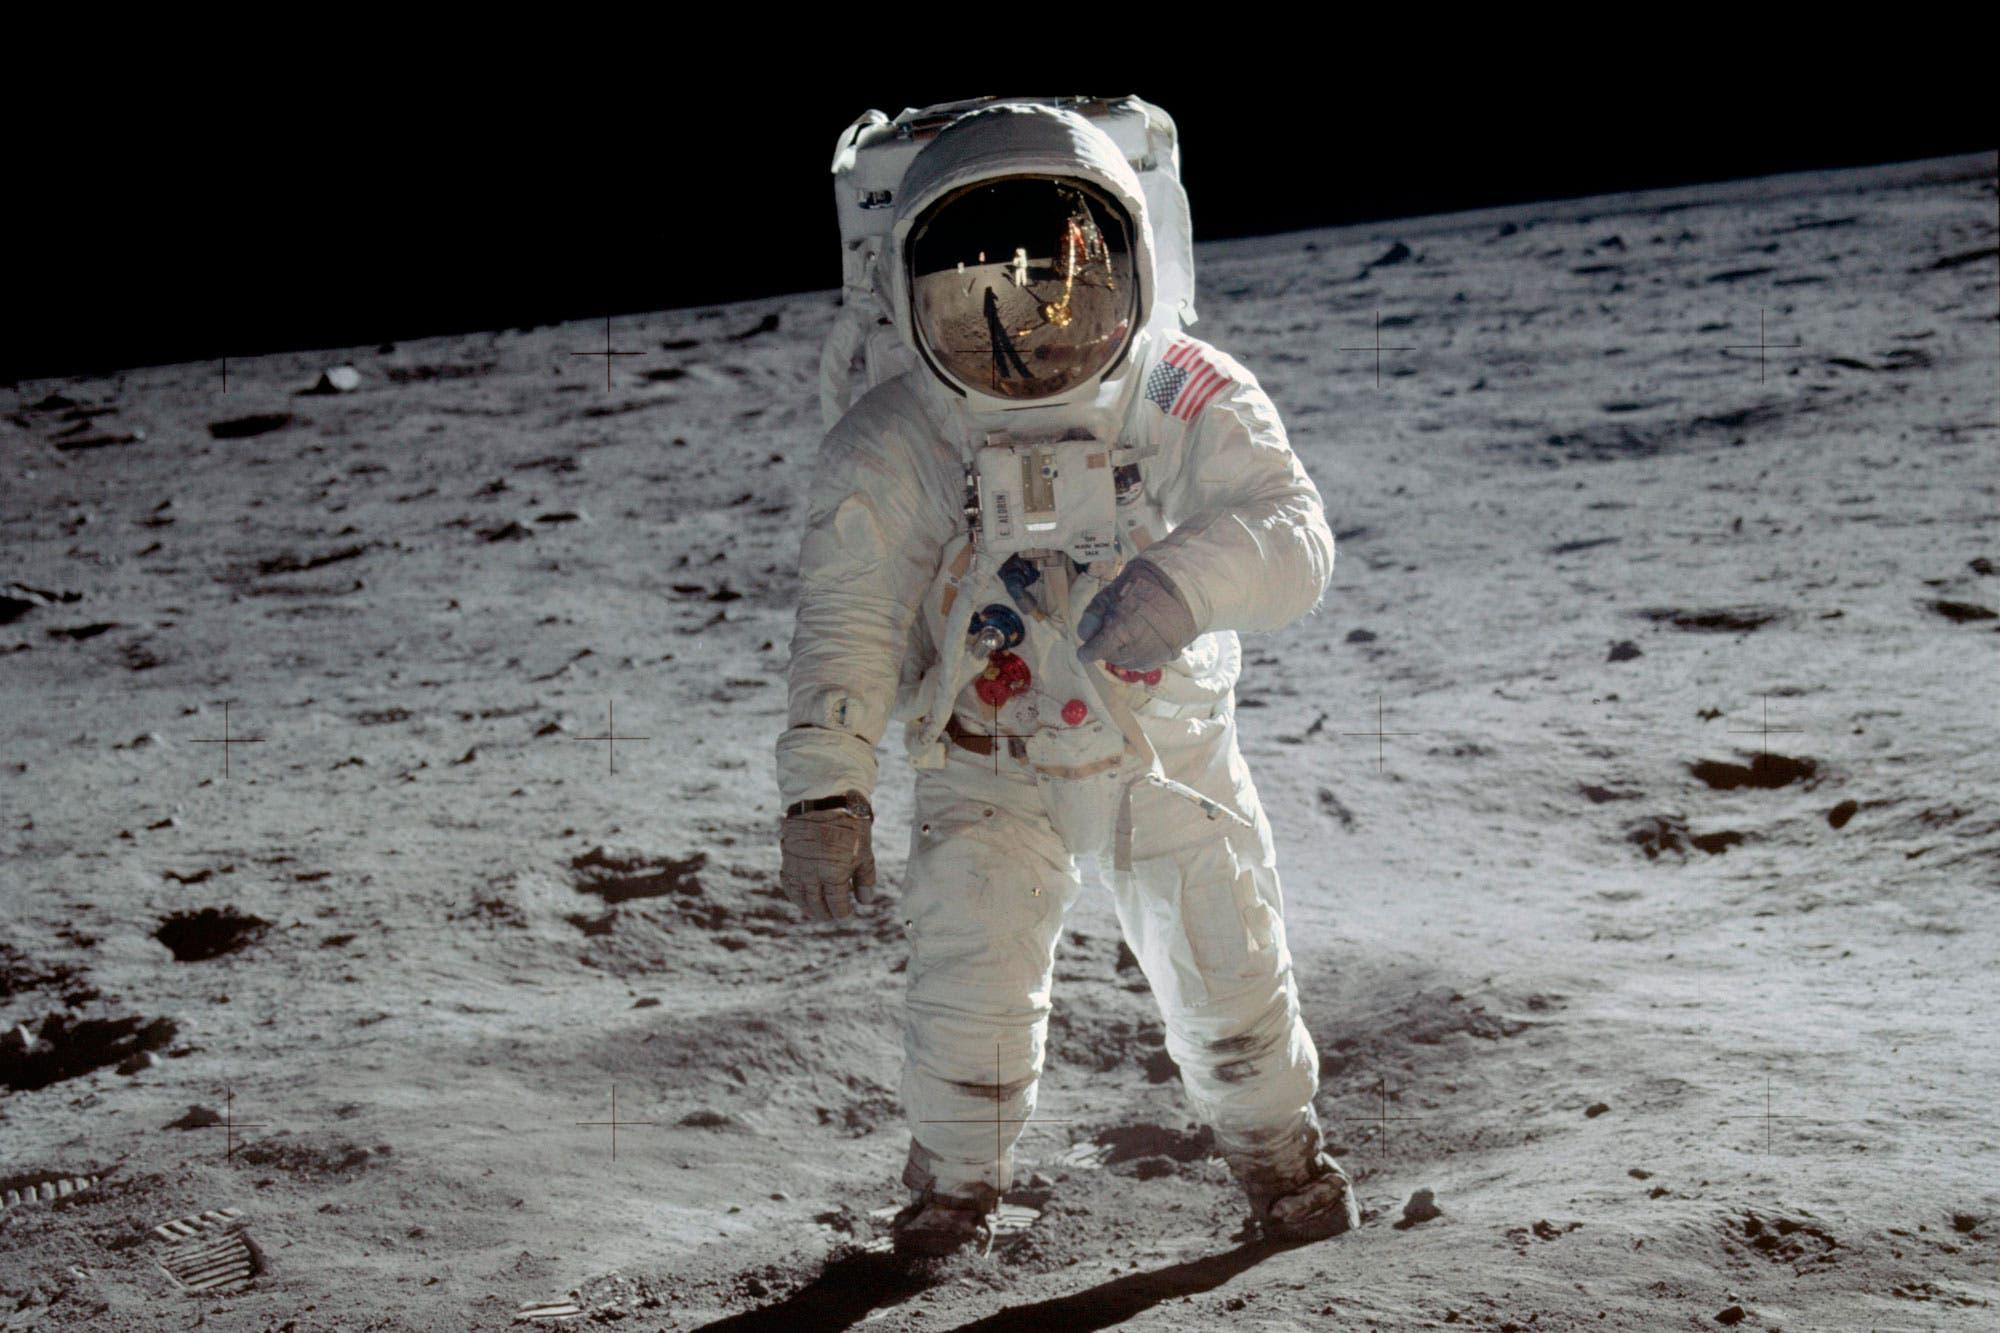 La llegada del hombre a la Luna, vista como nunca antes gracias a la restauración de los videos